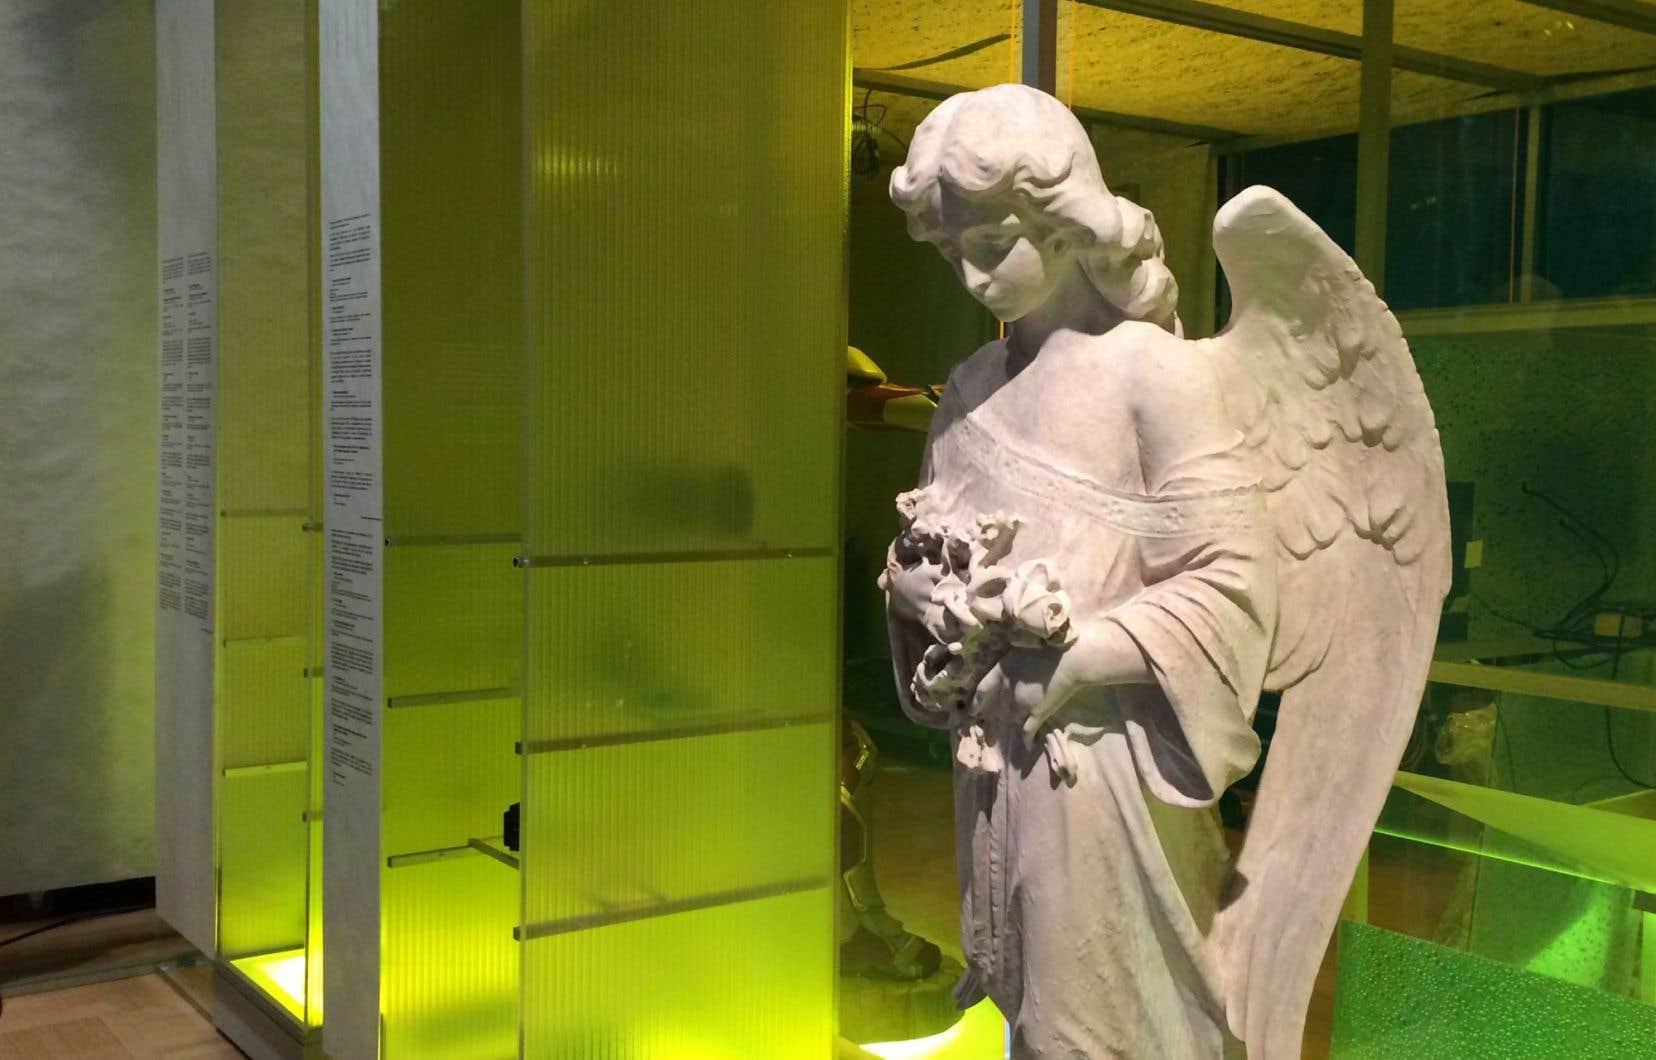 D'abord noirci et abîmé, ce monument funéraire du cimetière Saint-Patrick de Québec a été restauré grâce à de la nanochaux.